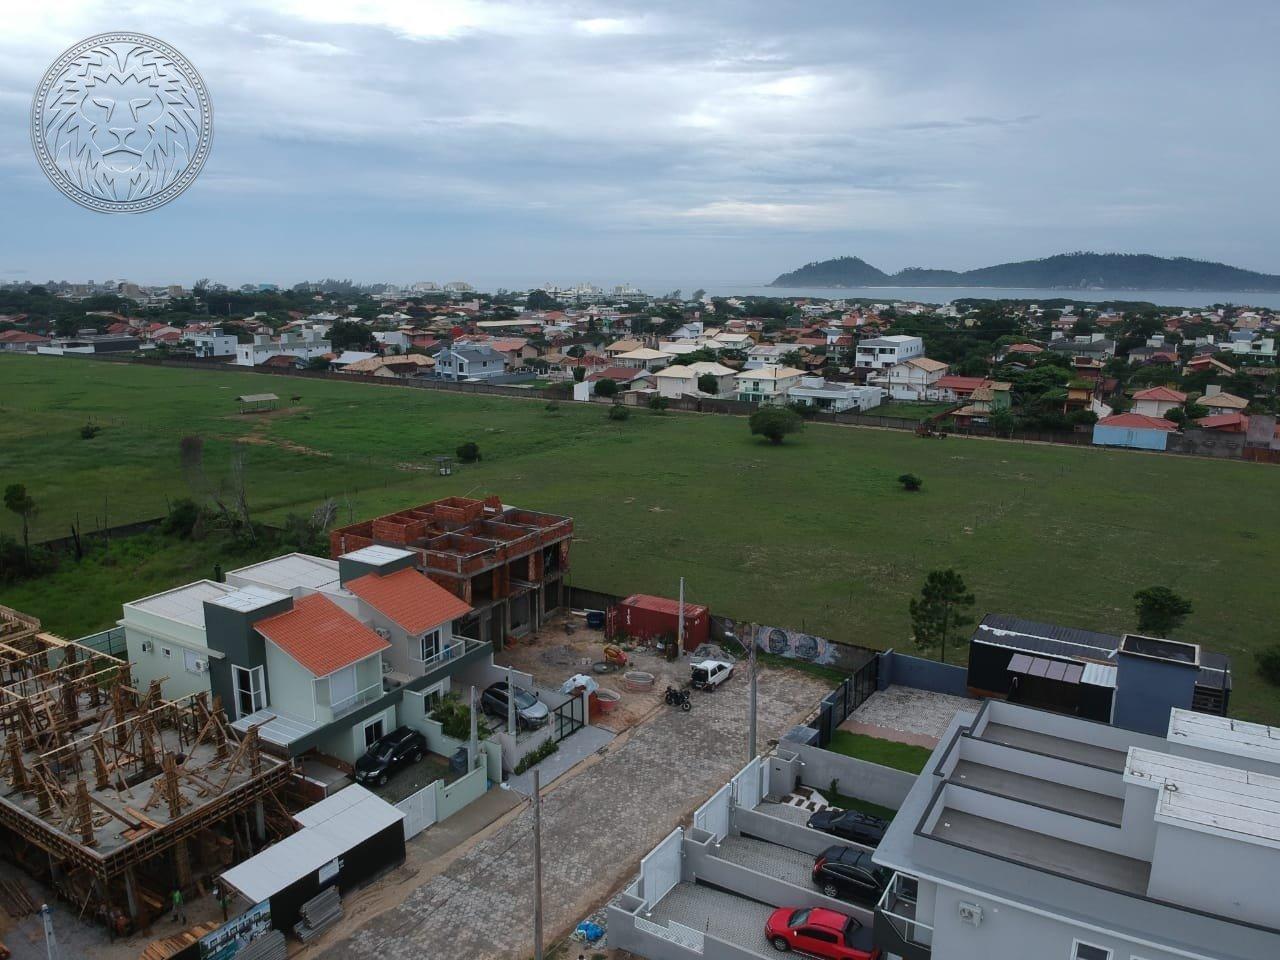 Casa com 2 dormitórios à venda em Florianópolis, no bairro Campeche